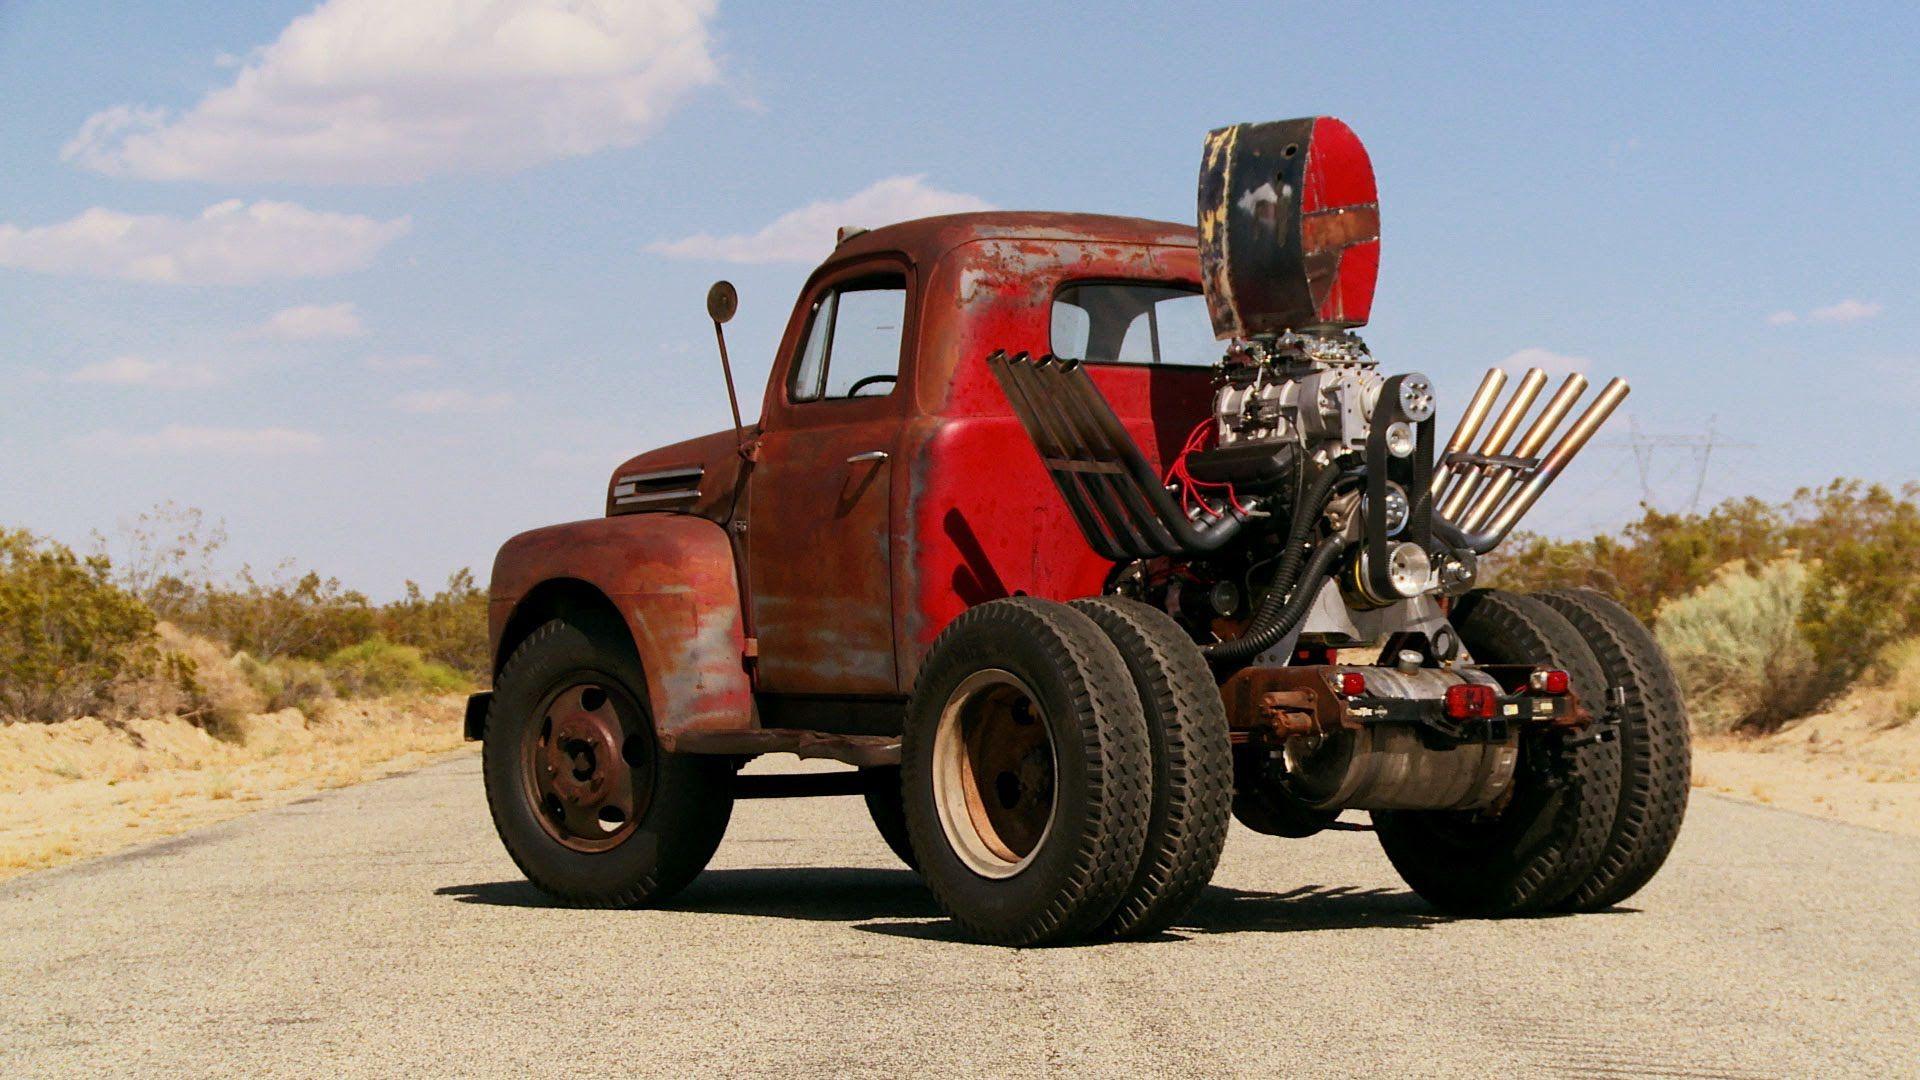 Wheelstanding Dump Truck Stubby Bob s eback Roadkill Ep 52